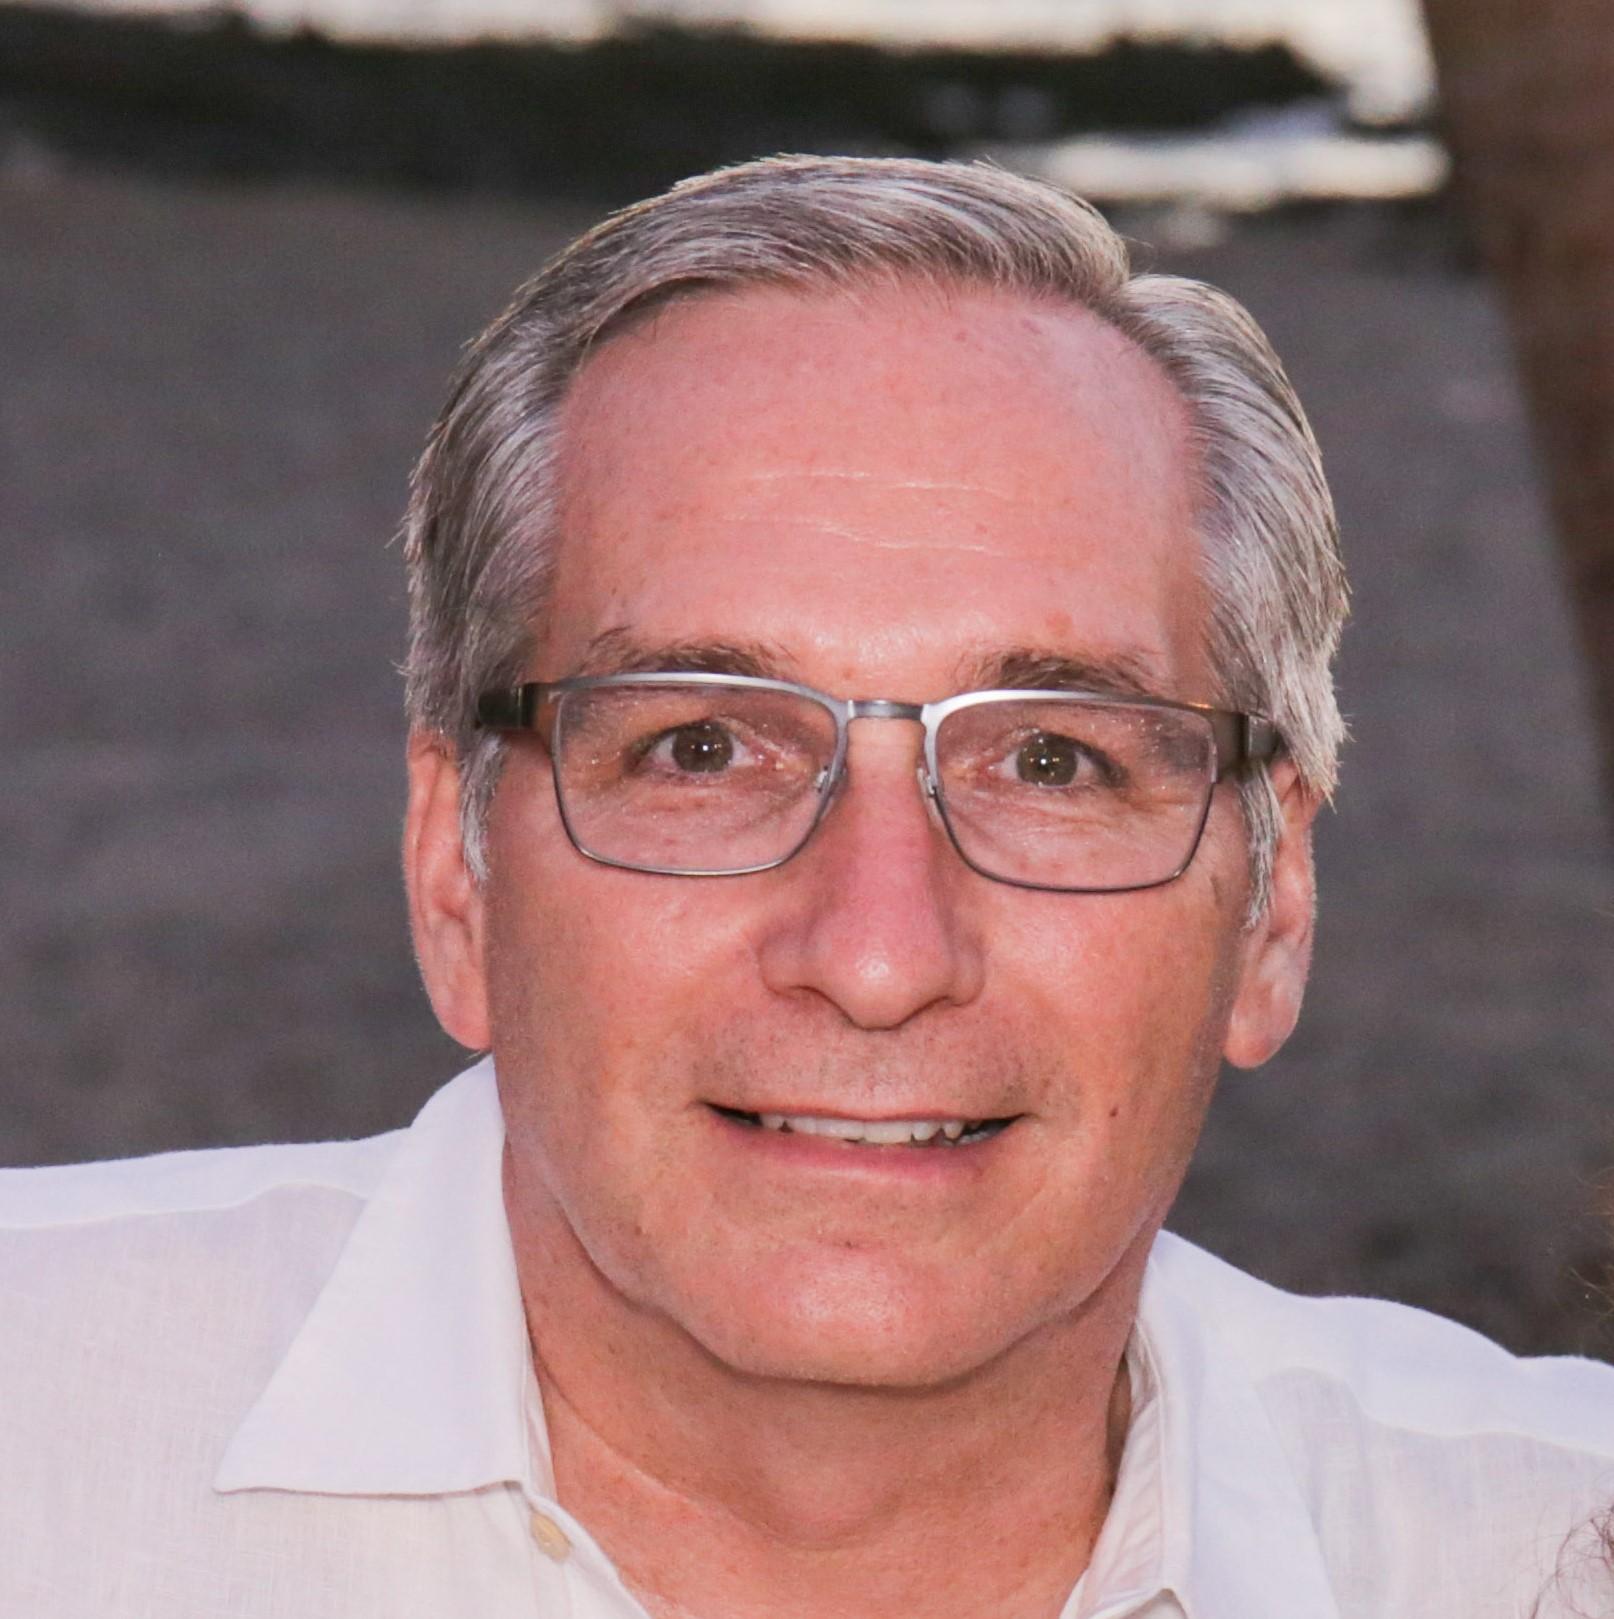 Joe Calzaretta